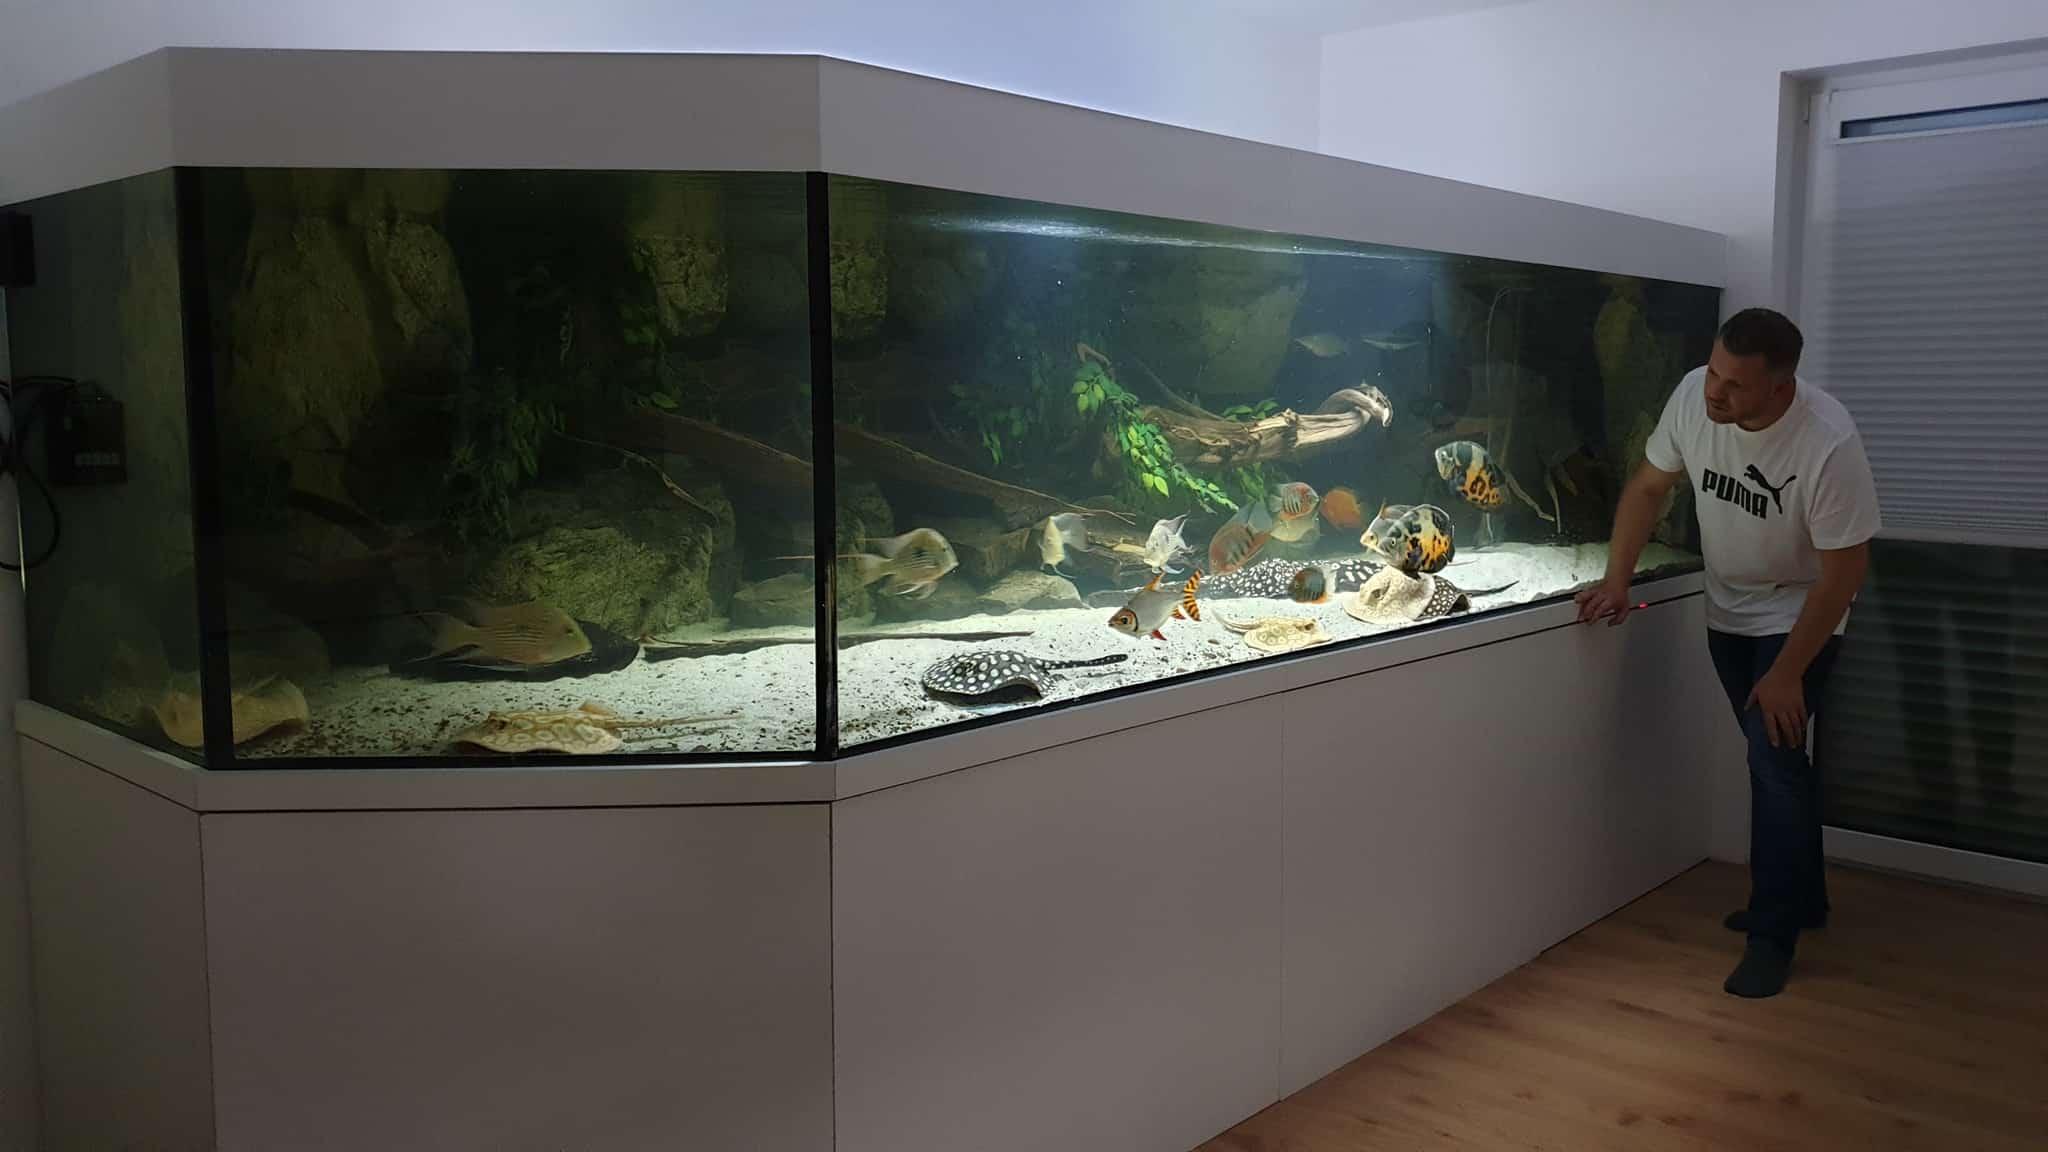 218: Süßwasserrochen im Aquarium - Haltung und Pflege von Potamotrygon (Thorben Hohmann) 9